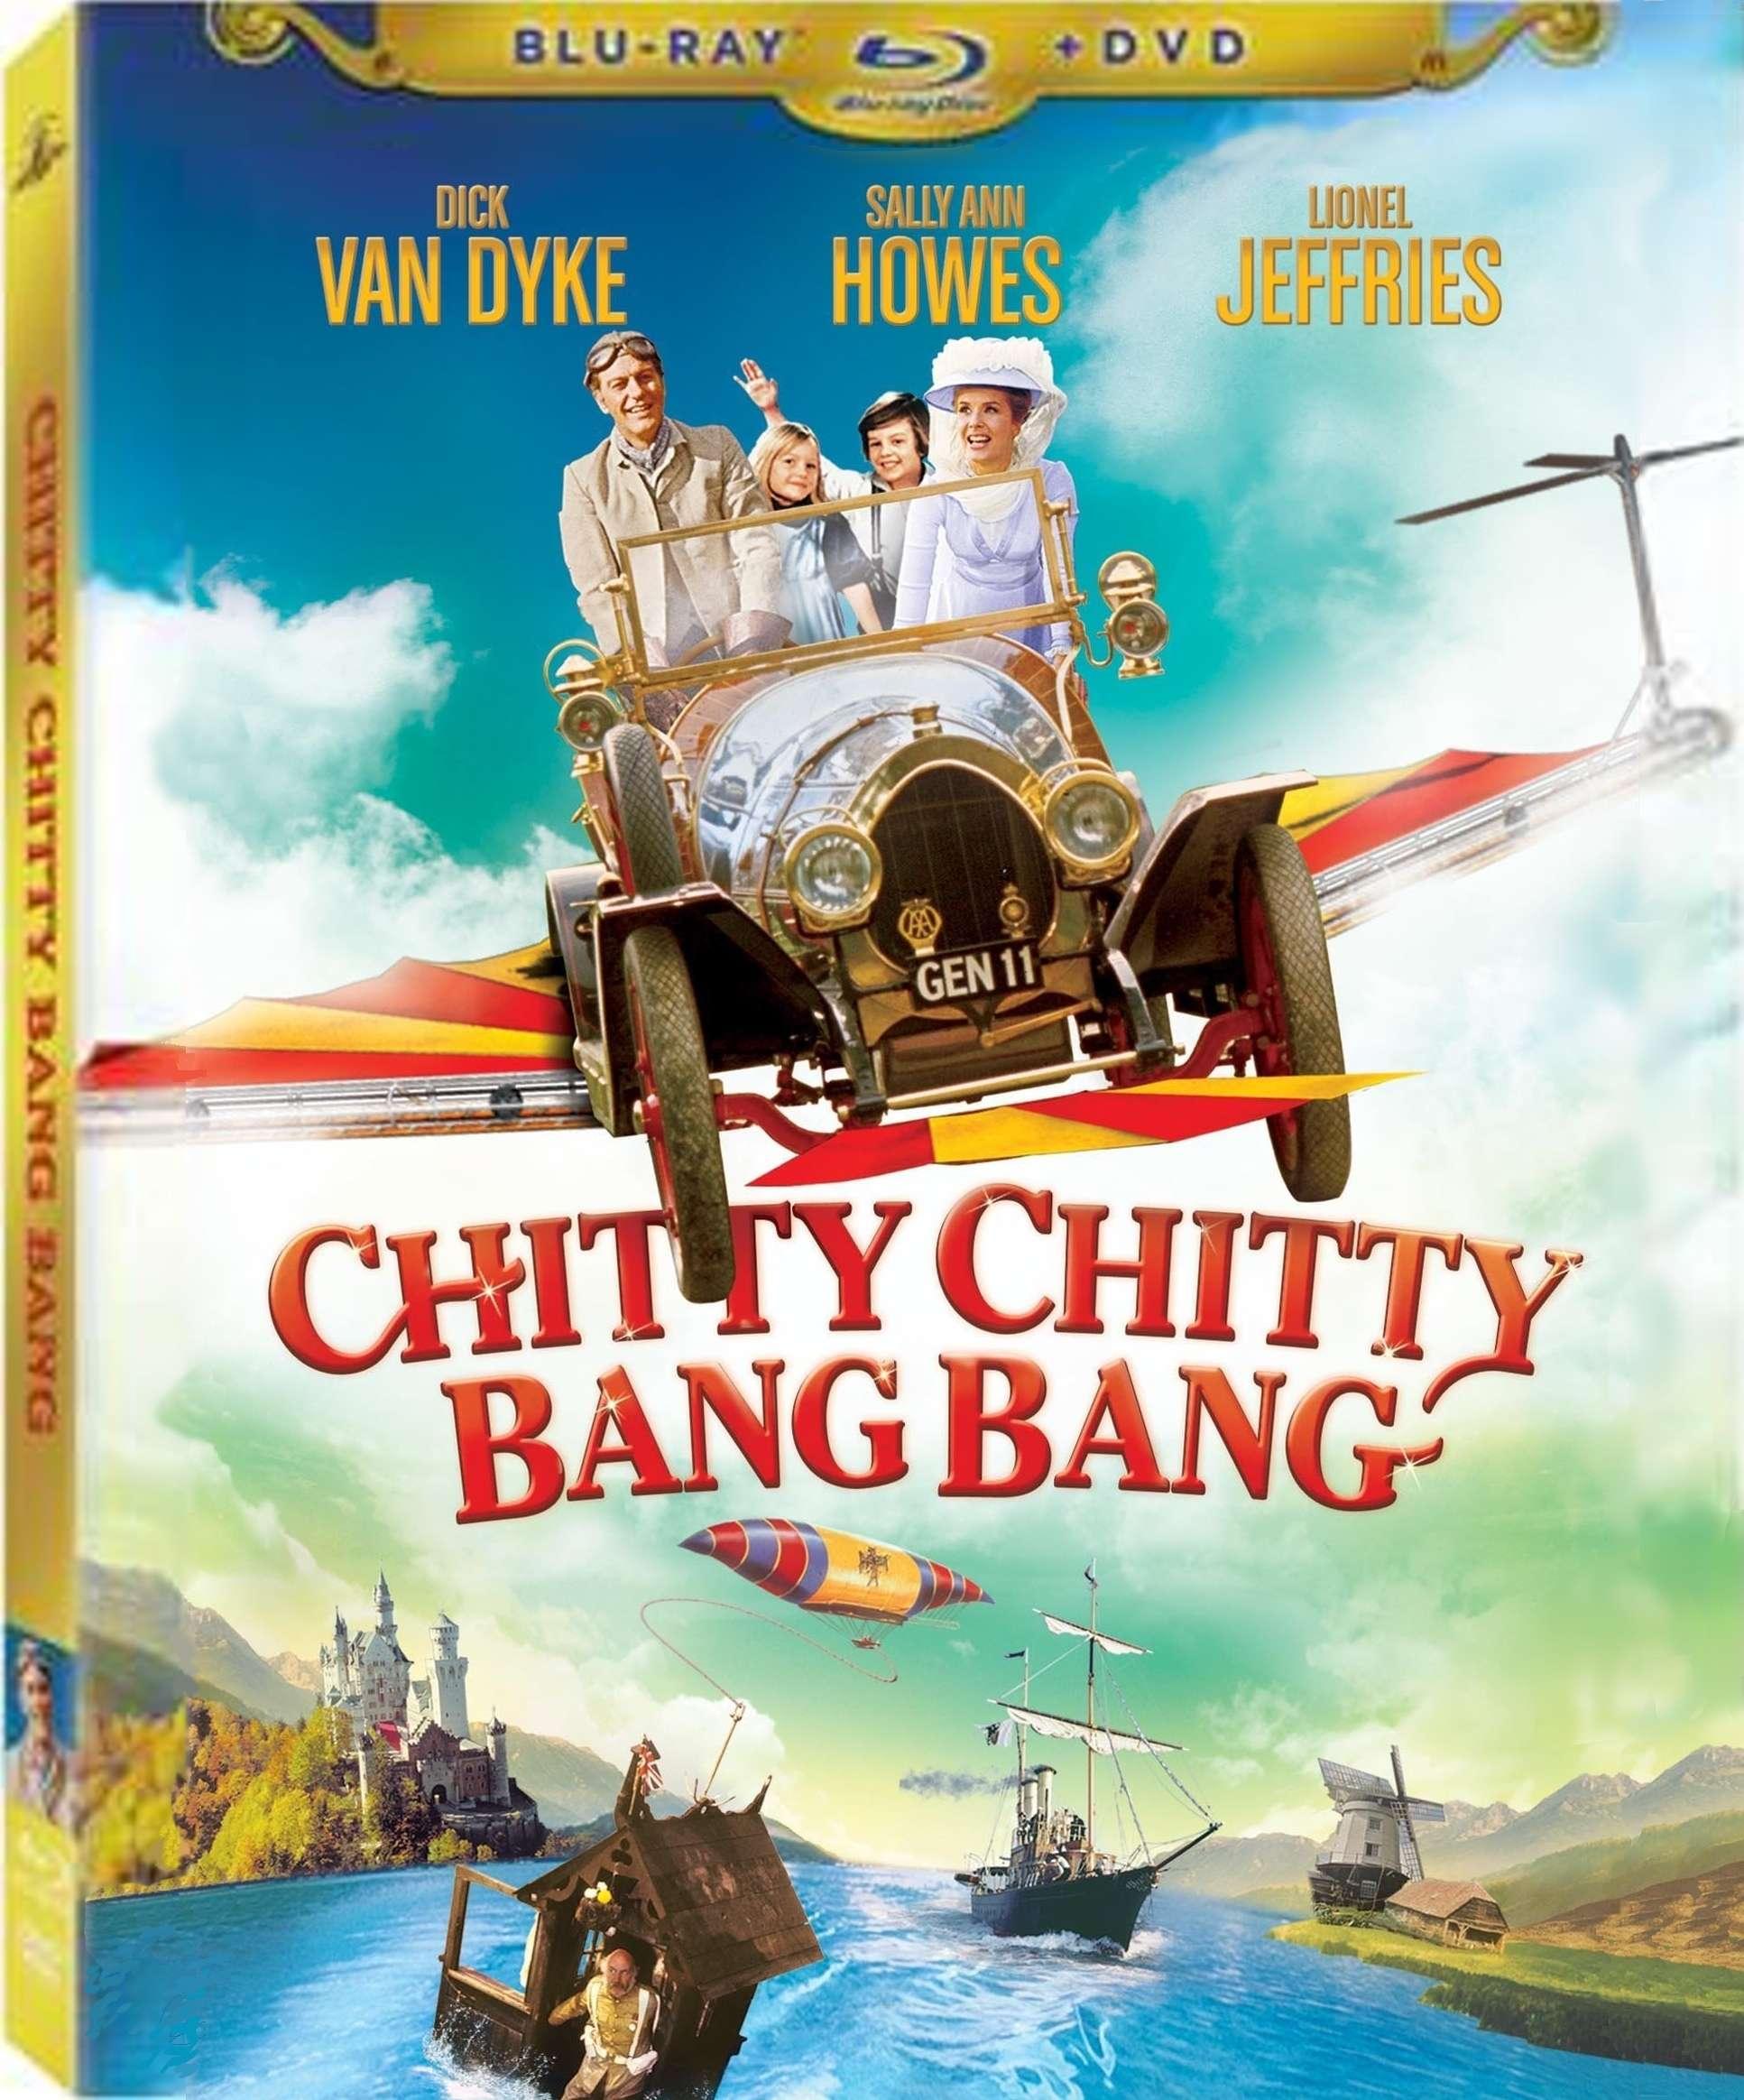 Chitty Chitty Bang Bang (1968) .mkv BDRip 720p DTS Ac3 ITA ENG Subs x264